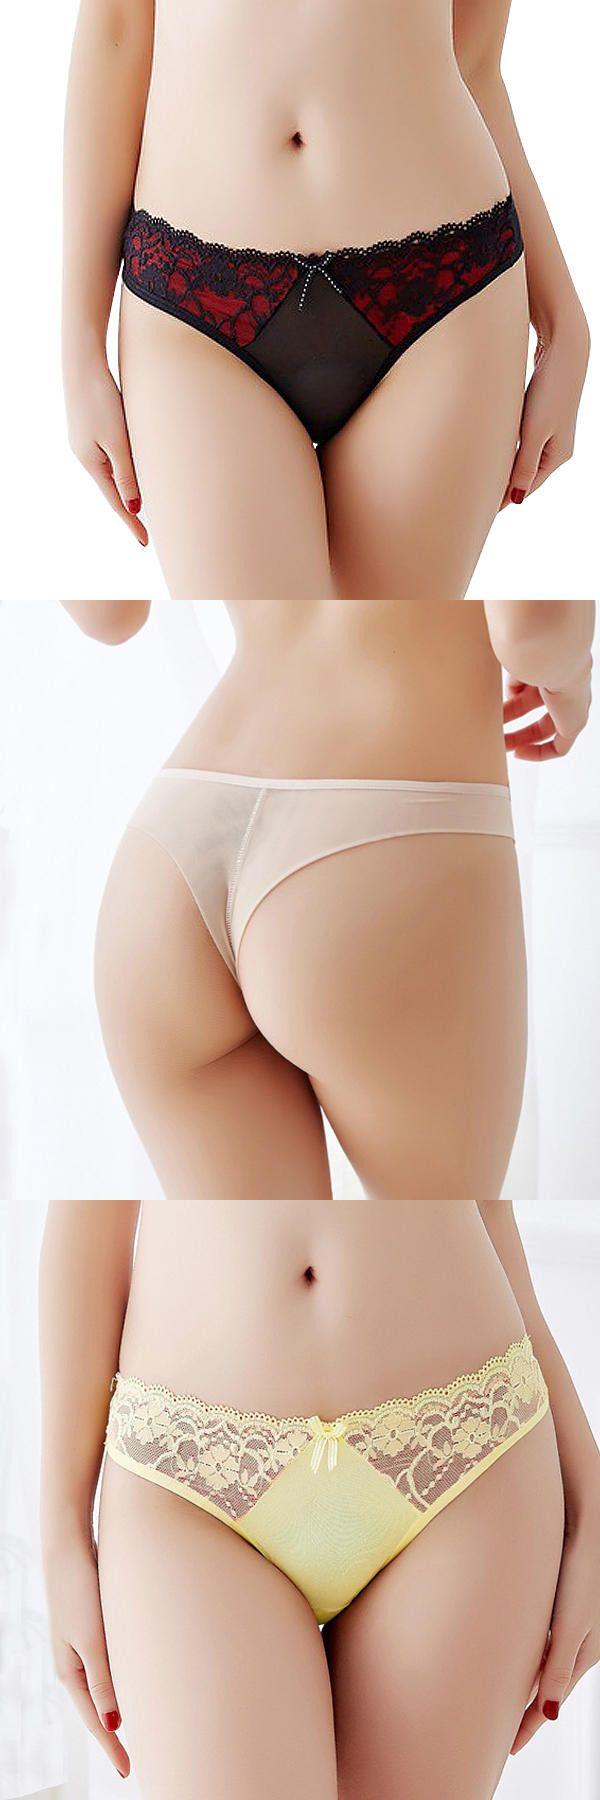 Half Off Panties Scenes